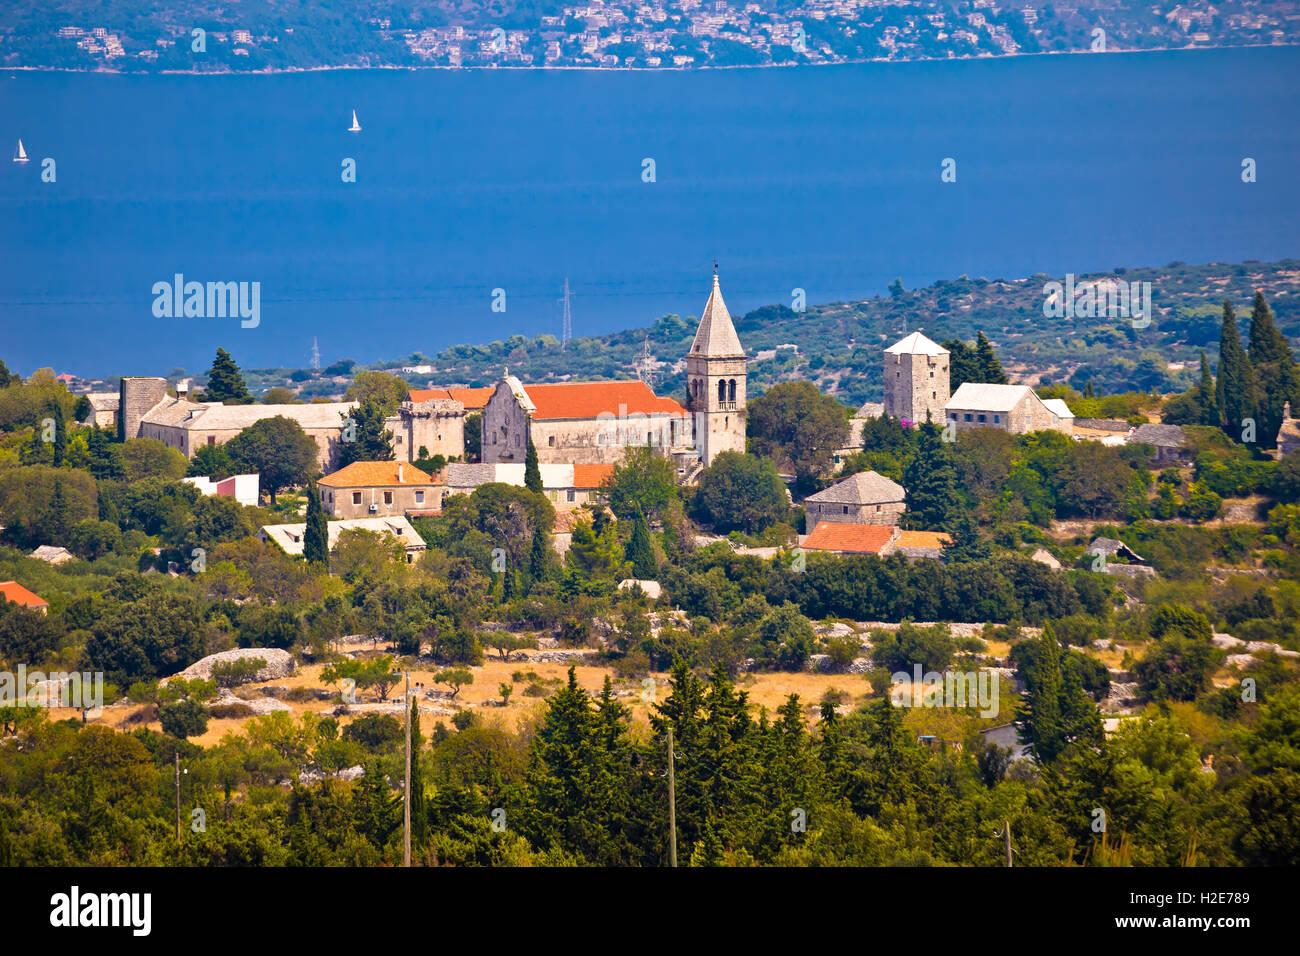 Village of Skrip stone architecture and Brac channel view, Dalmatia, Croatia - Stock Image